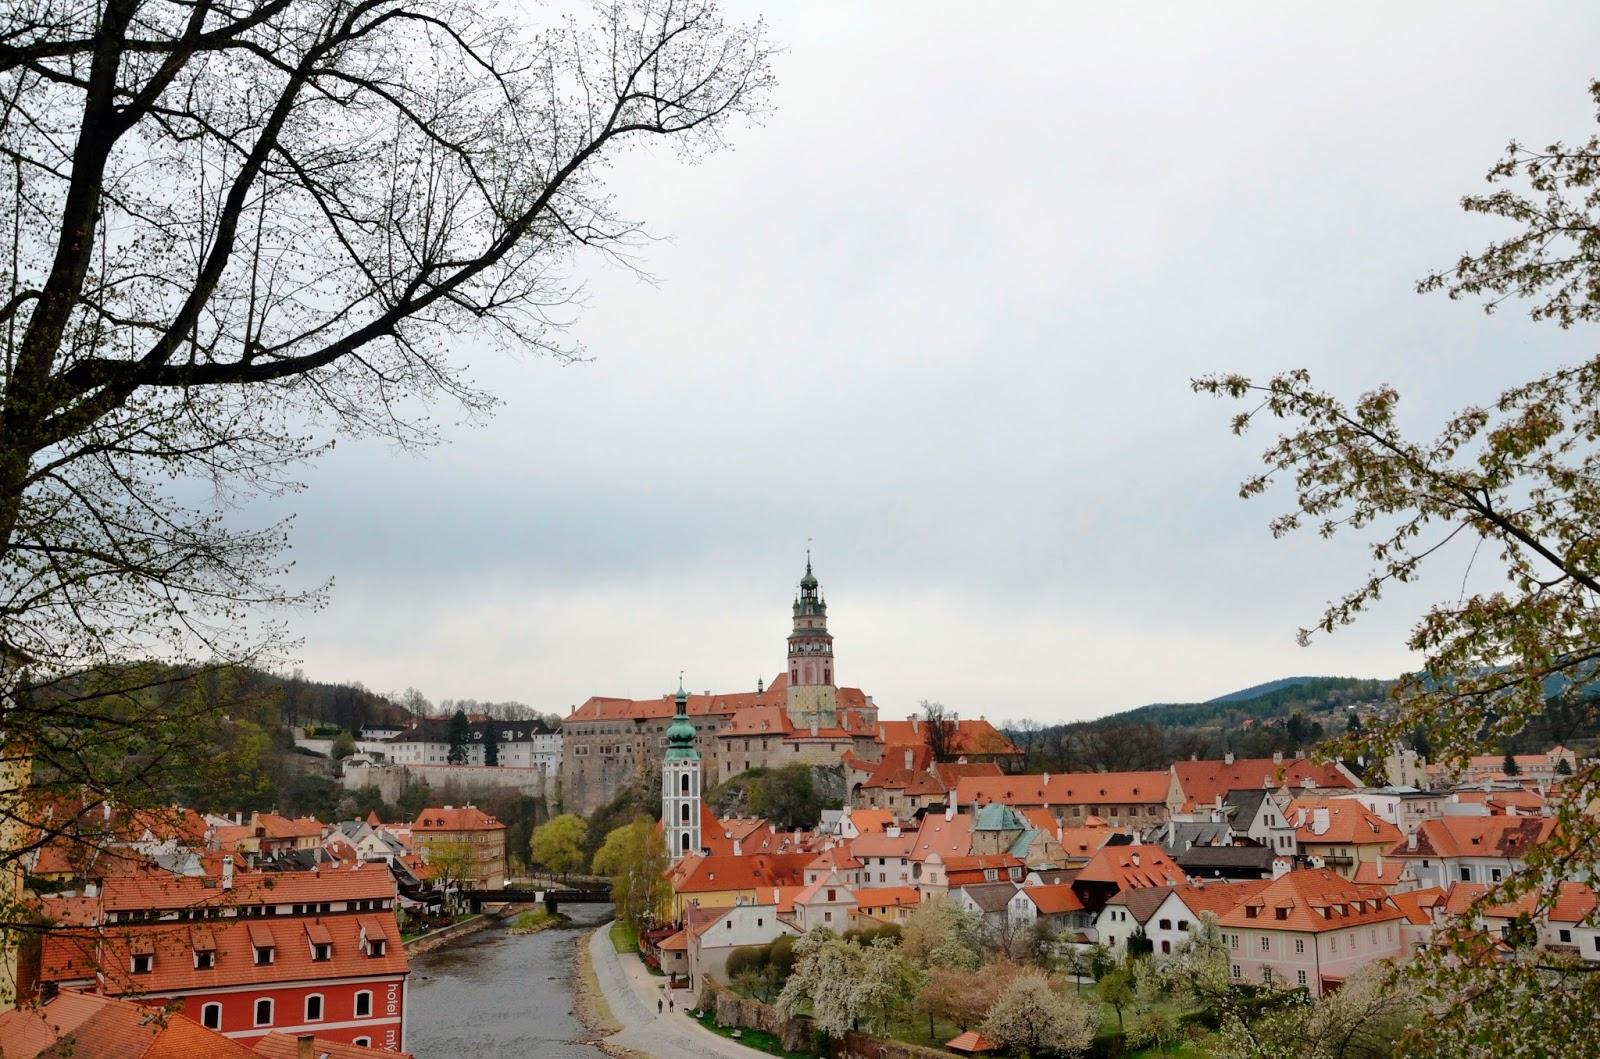 Vista de Cesky Krumlov con el castillo de fondo